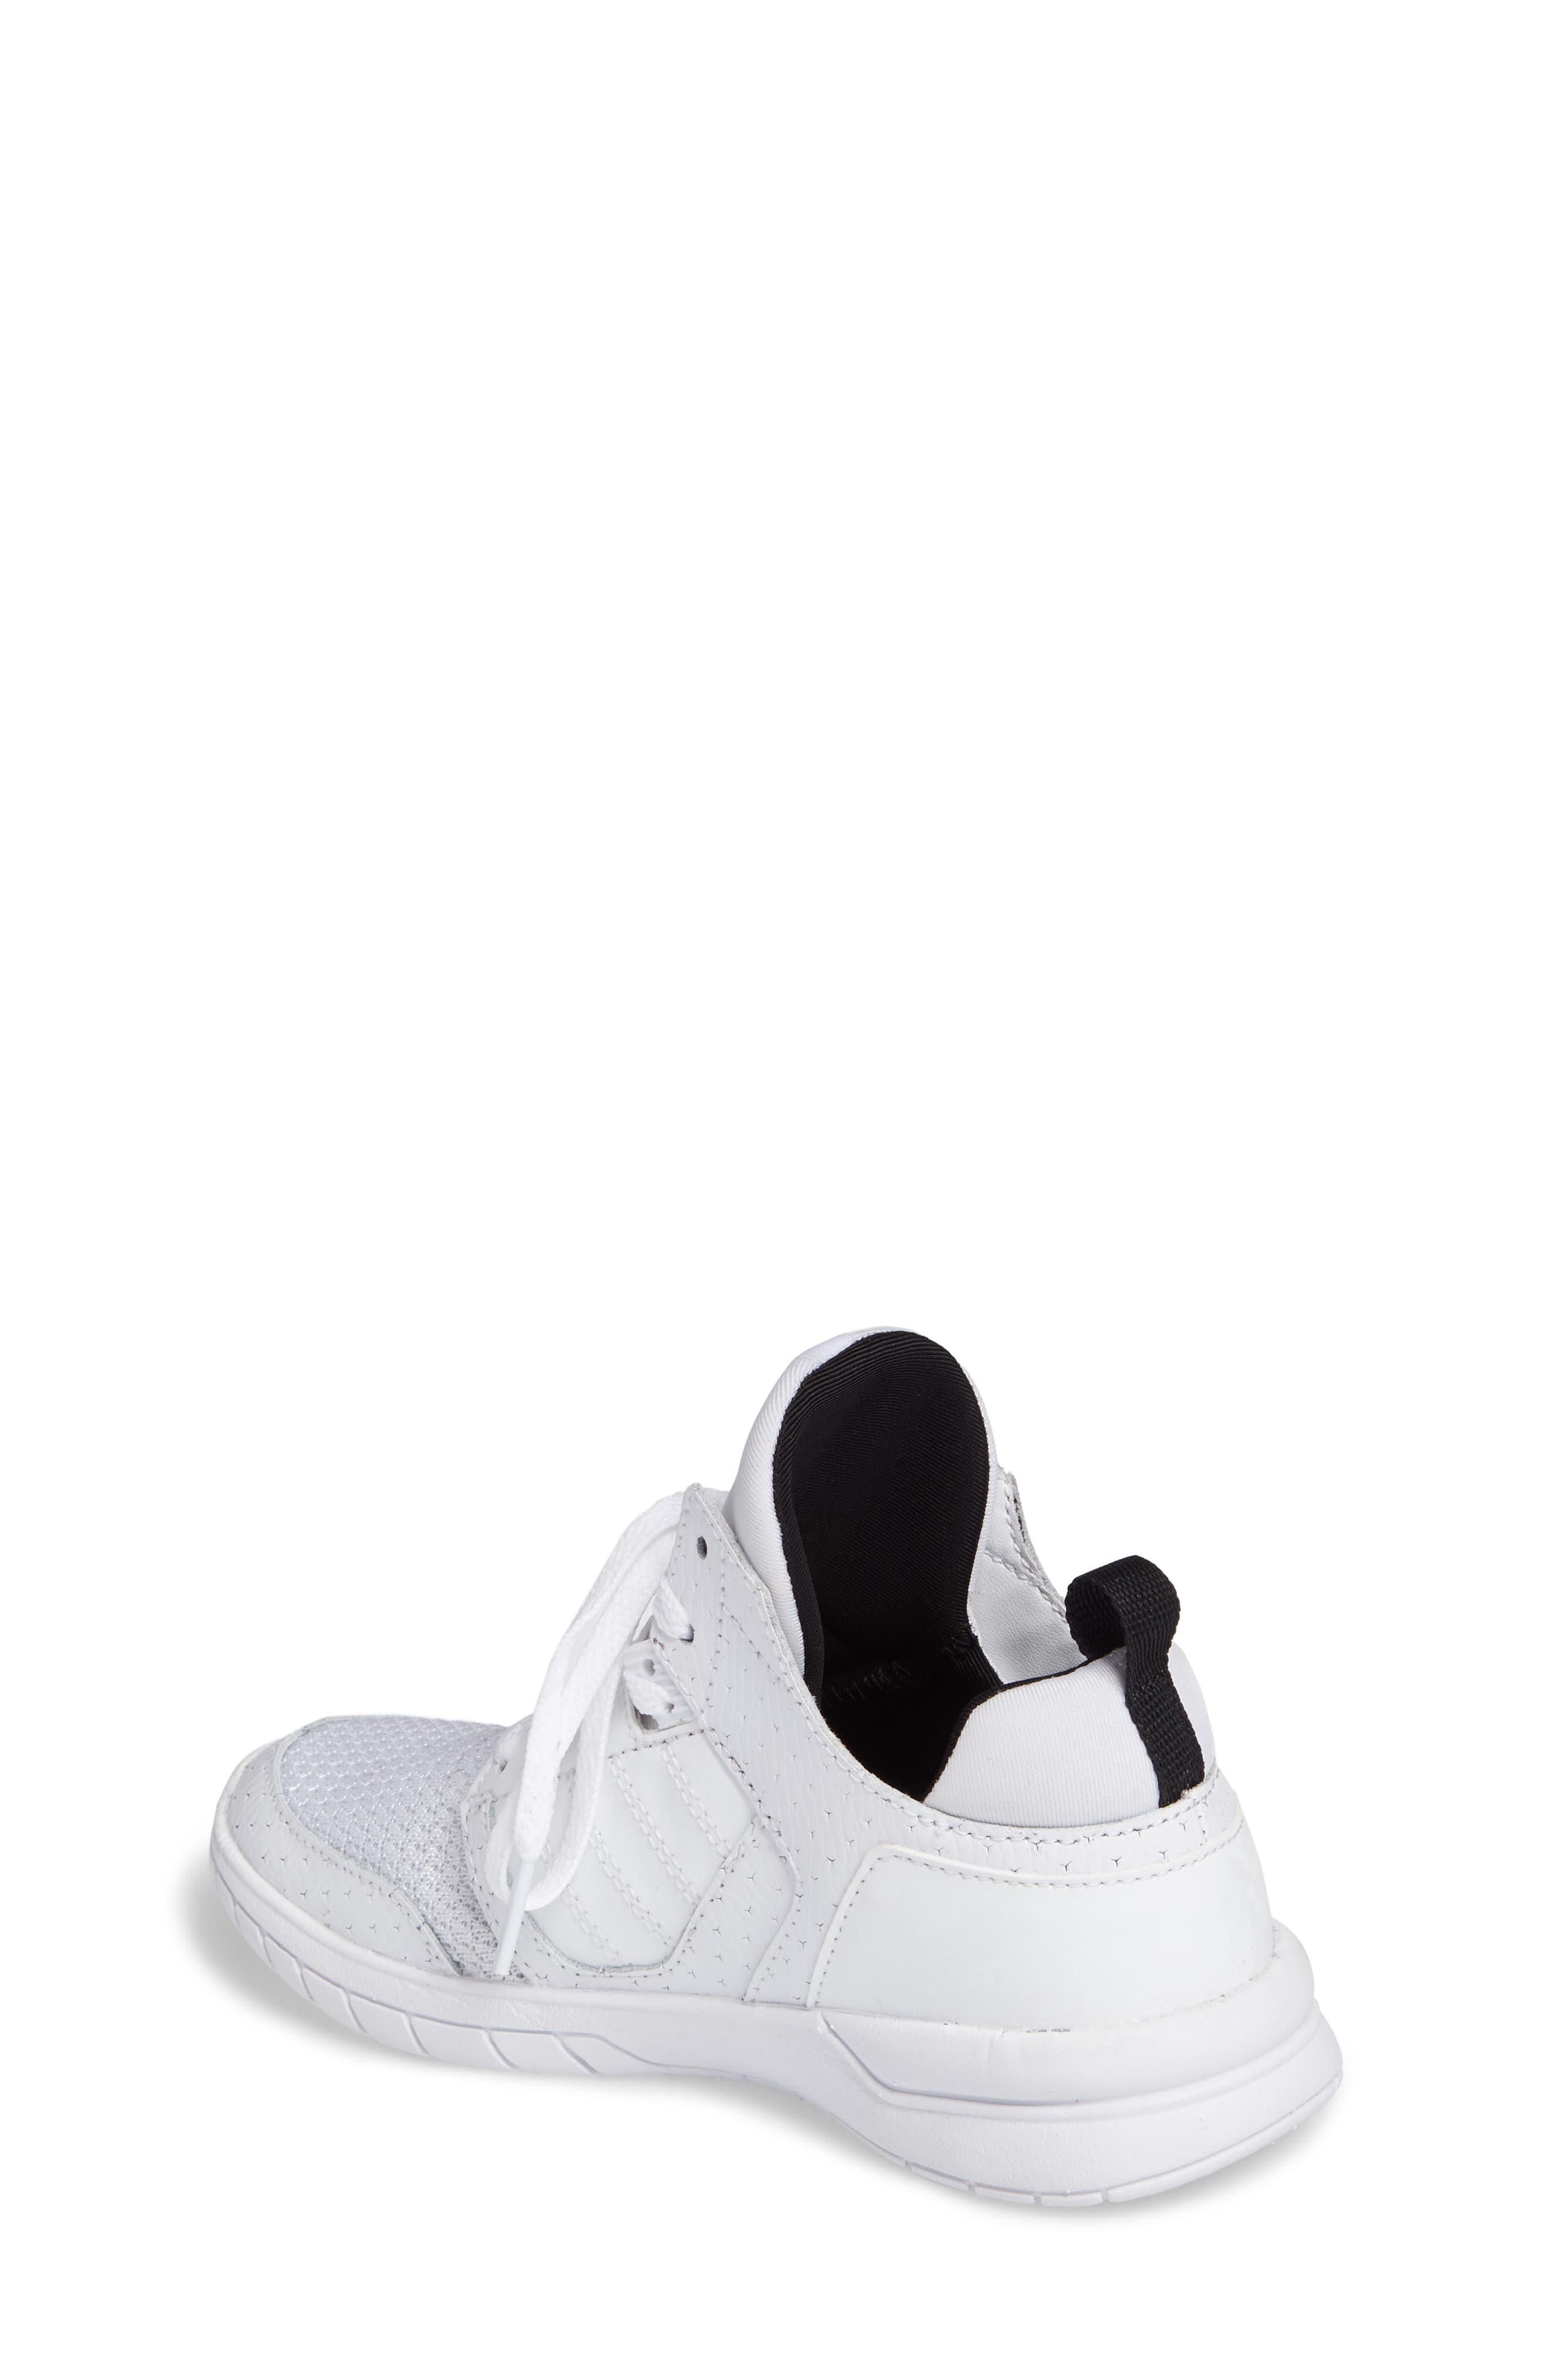 Method Sneaker,                             Alternate thumbnail 5, color,